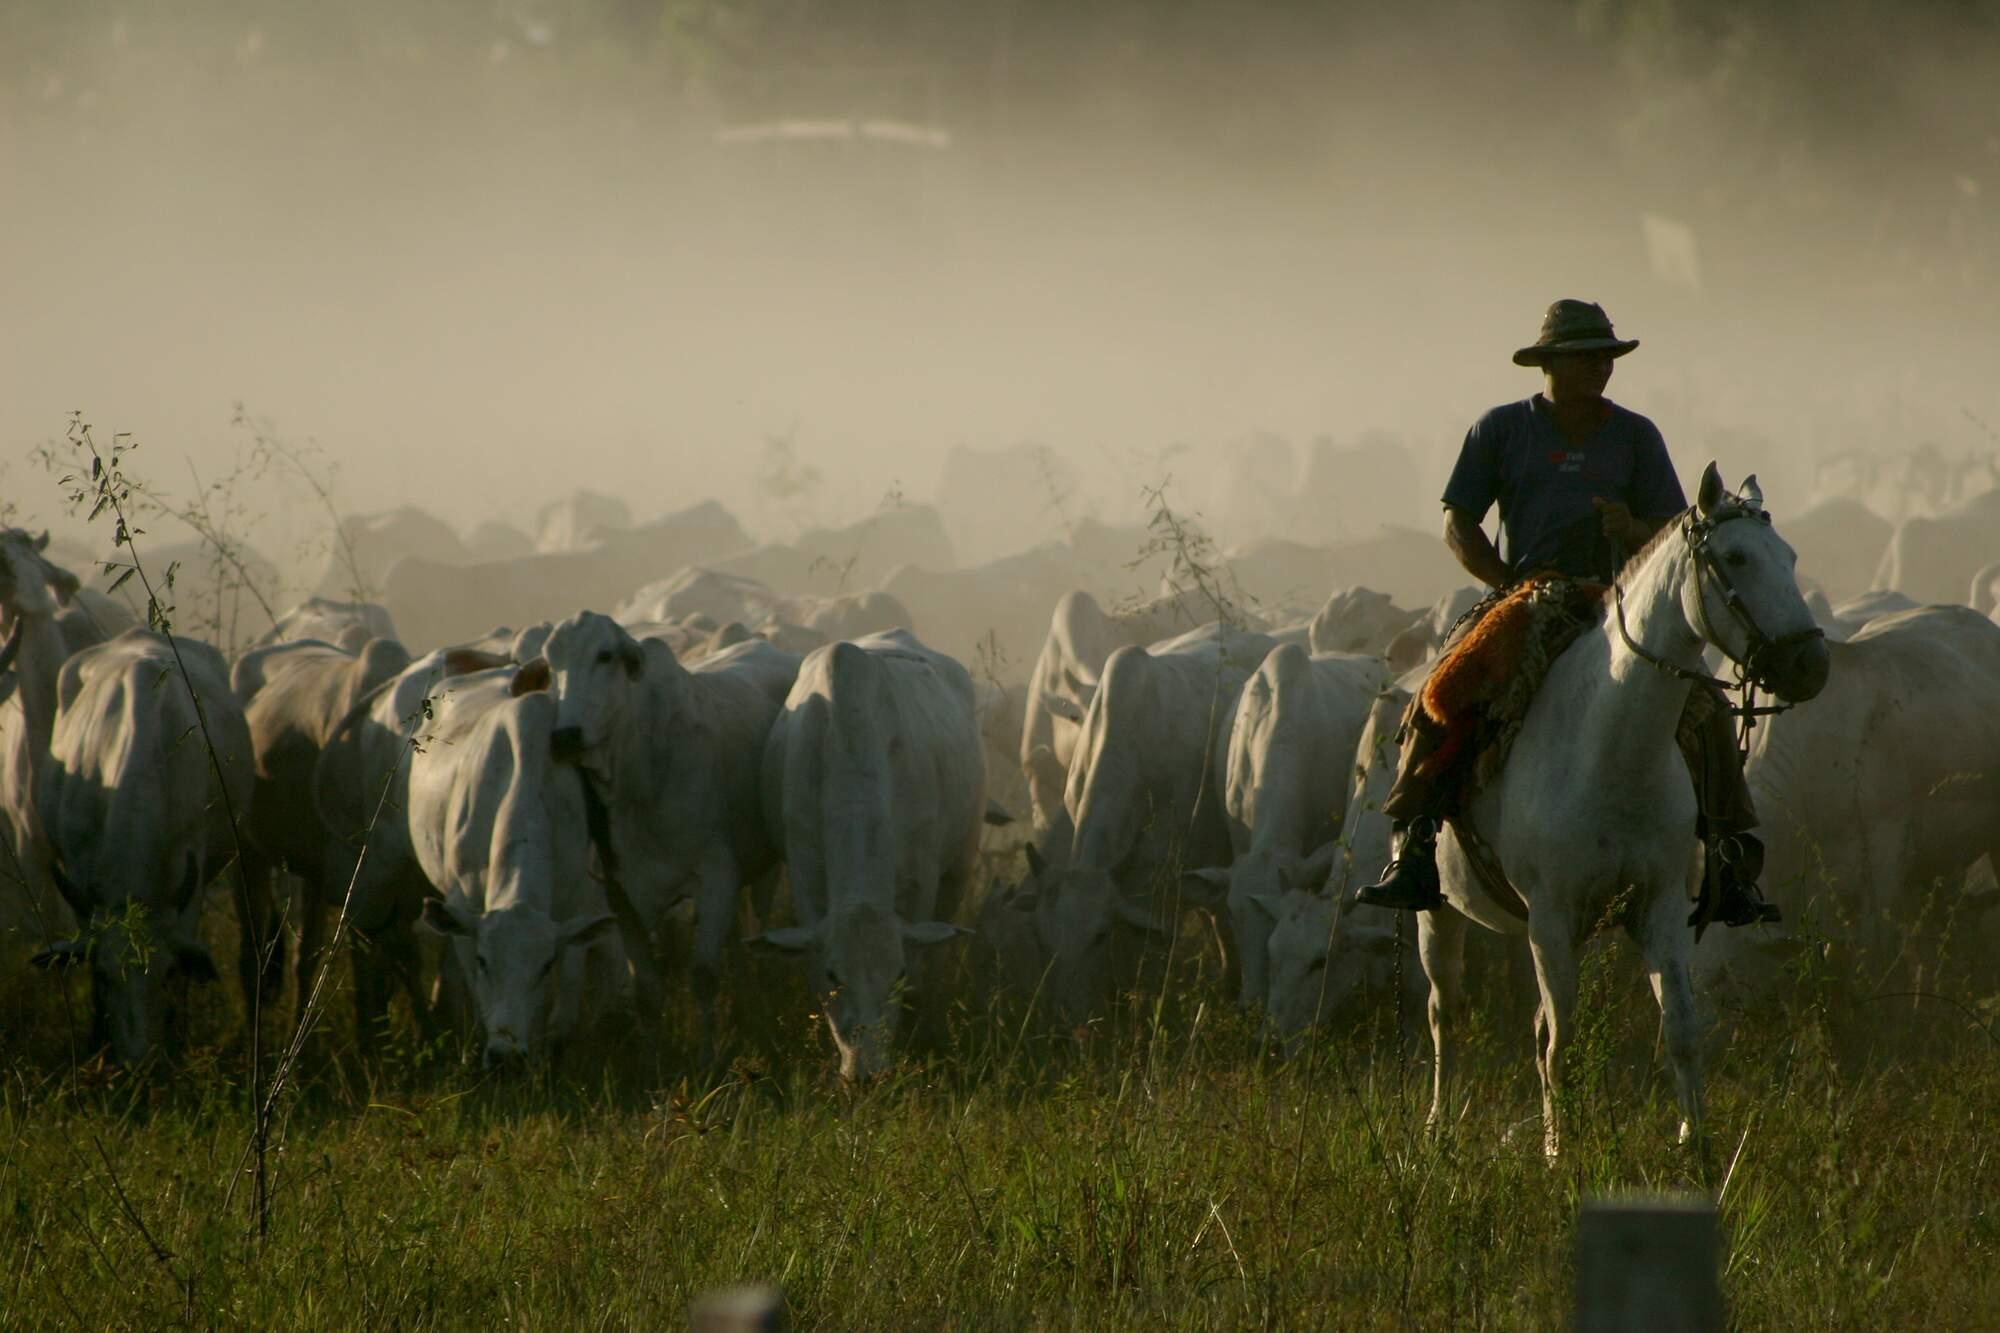 Boiada no Pantanal: estudos mostram que o gado contribui para reduzir os focos de incêndios. (Foto: Daniel Marinho)